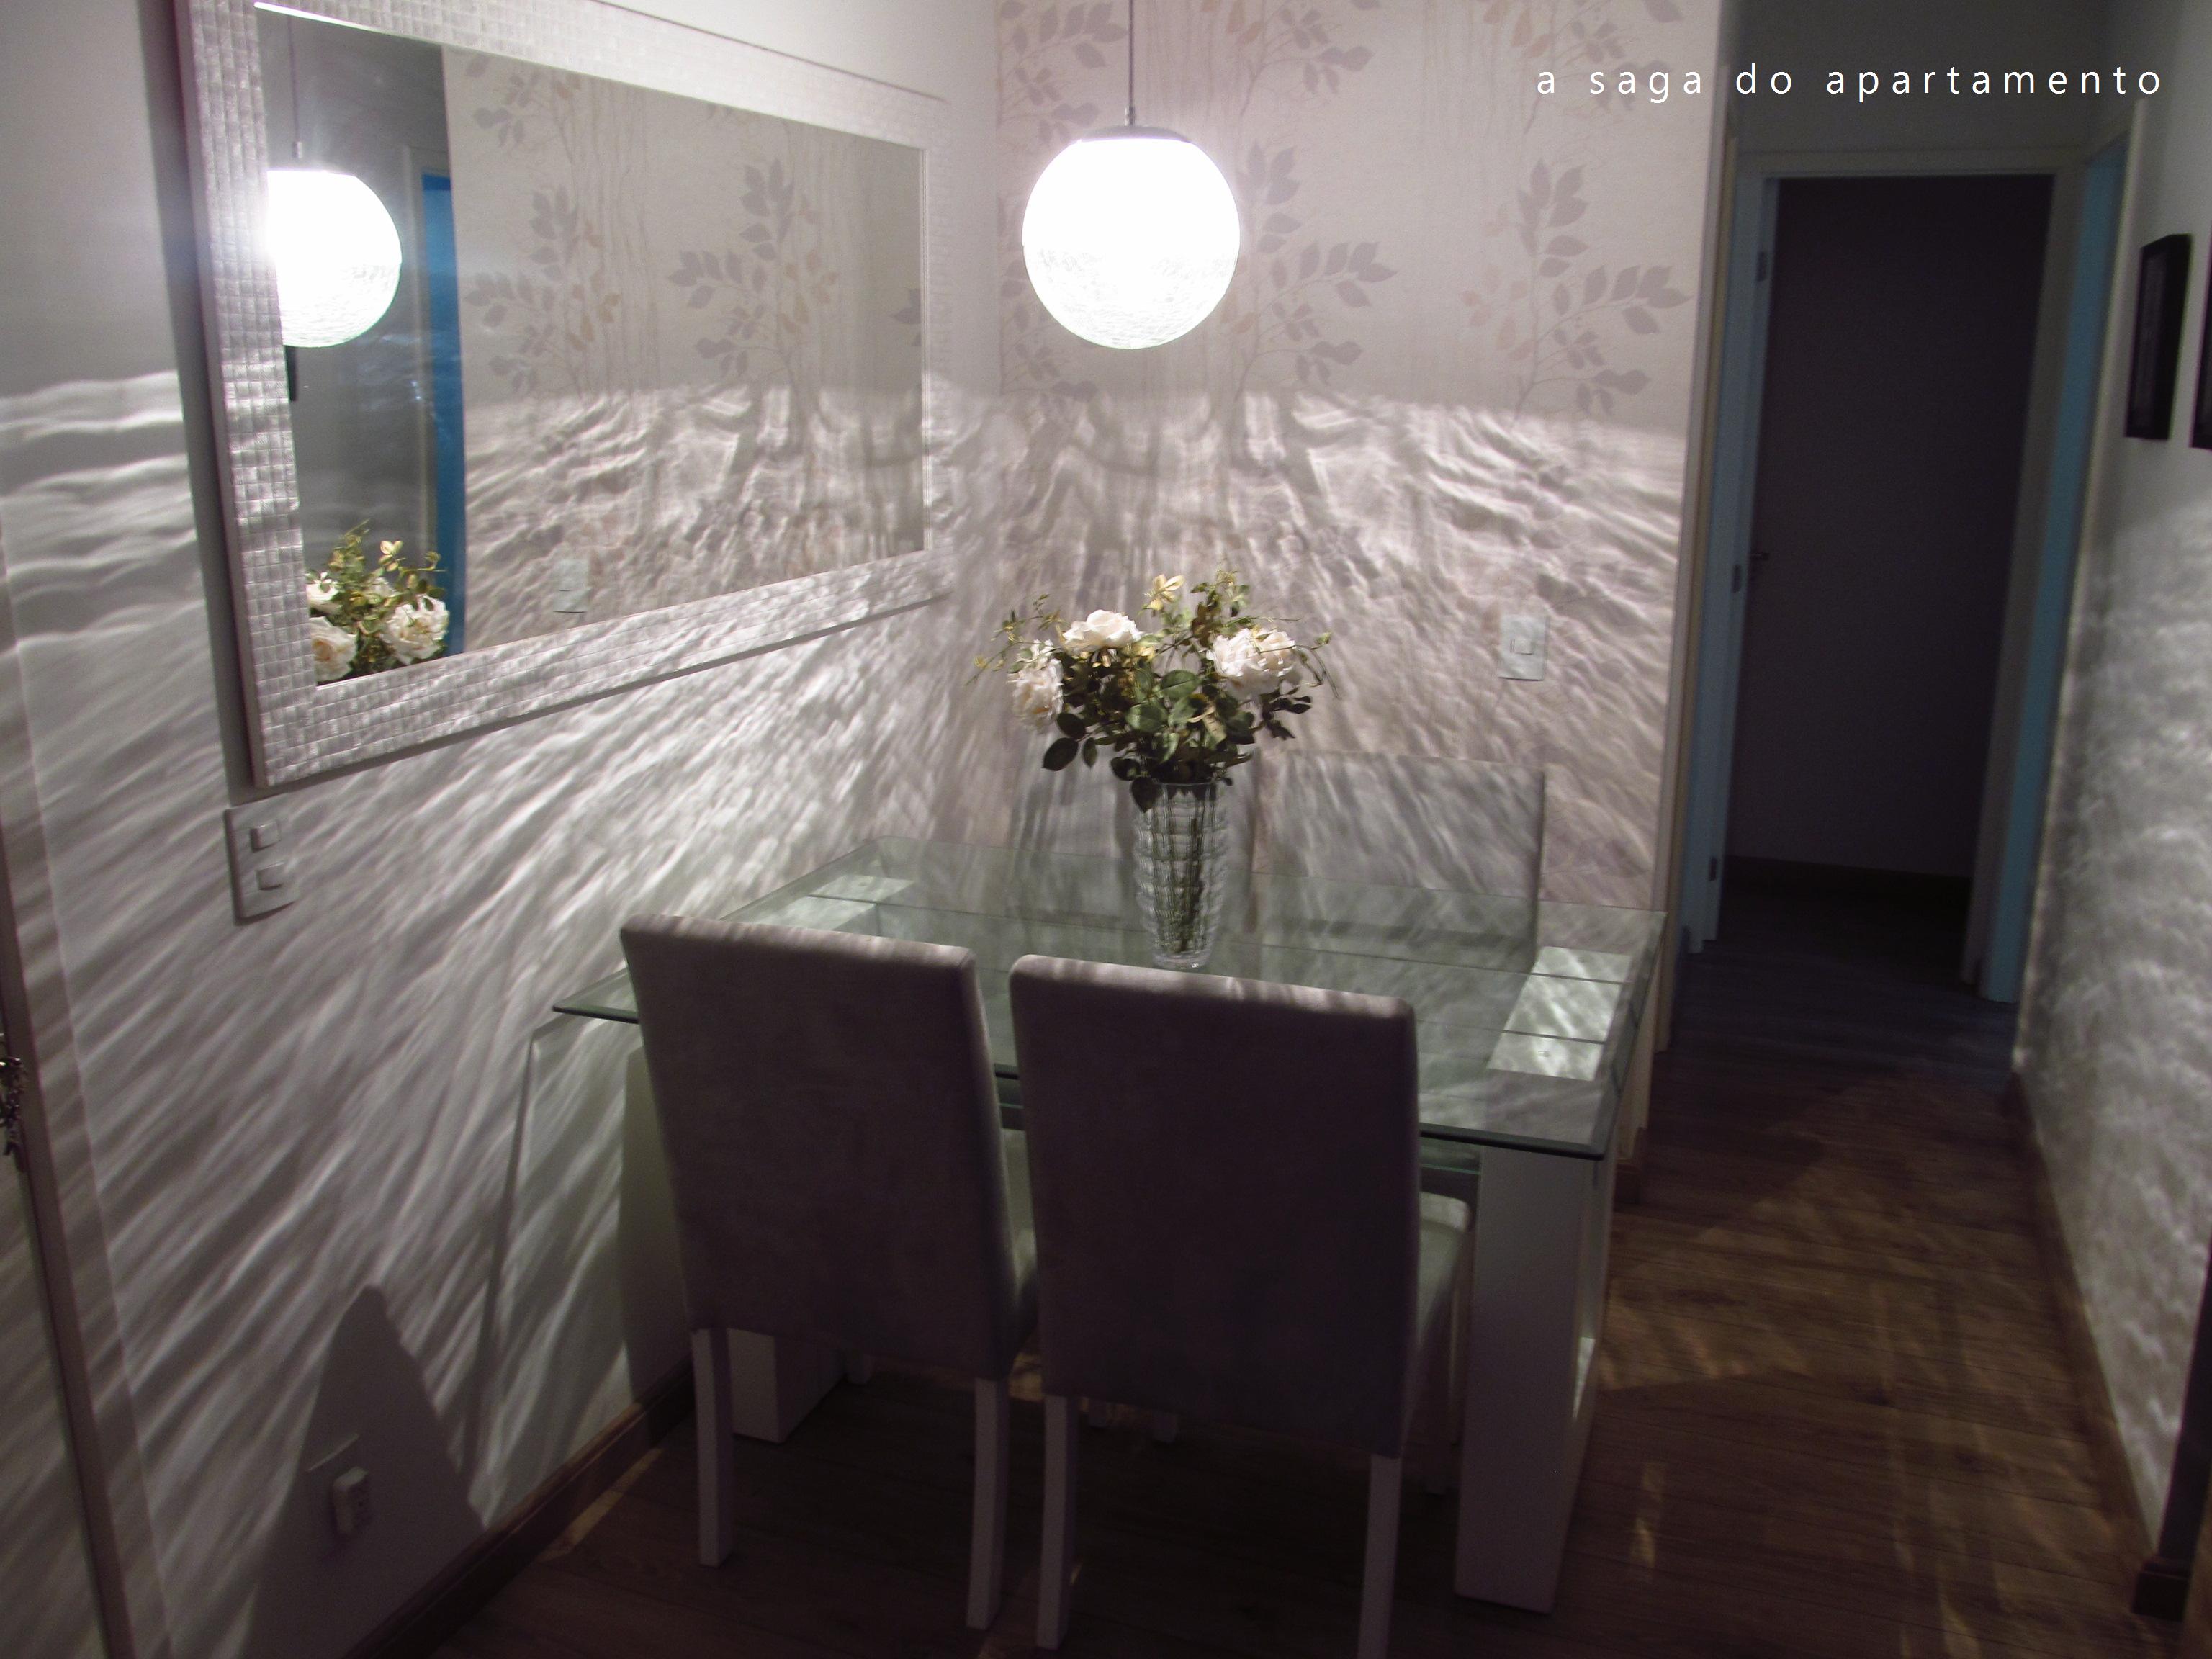 Dividindo ambientes com luz a saga do apartamento #304C61 3072x2304